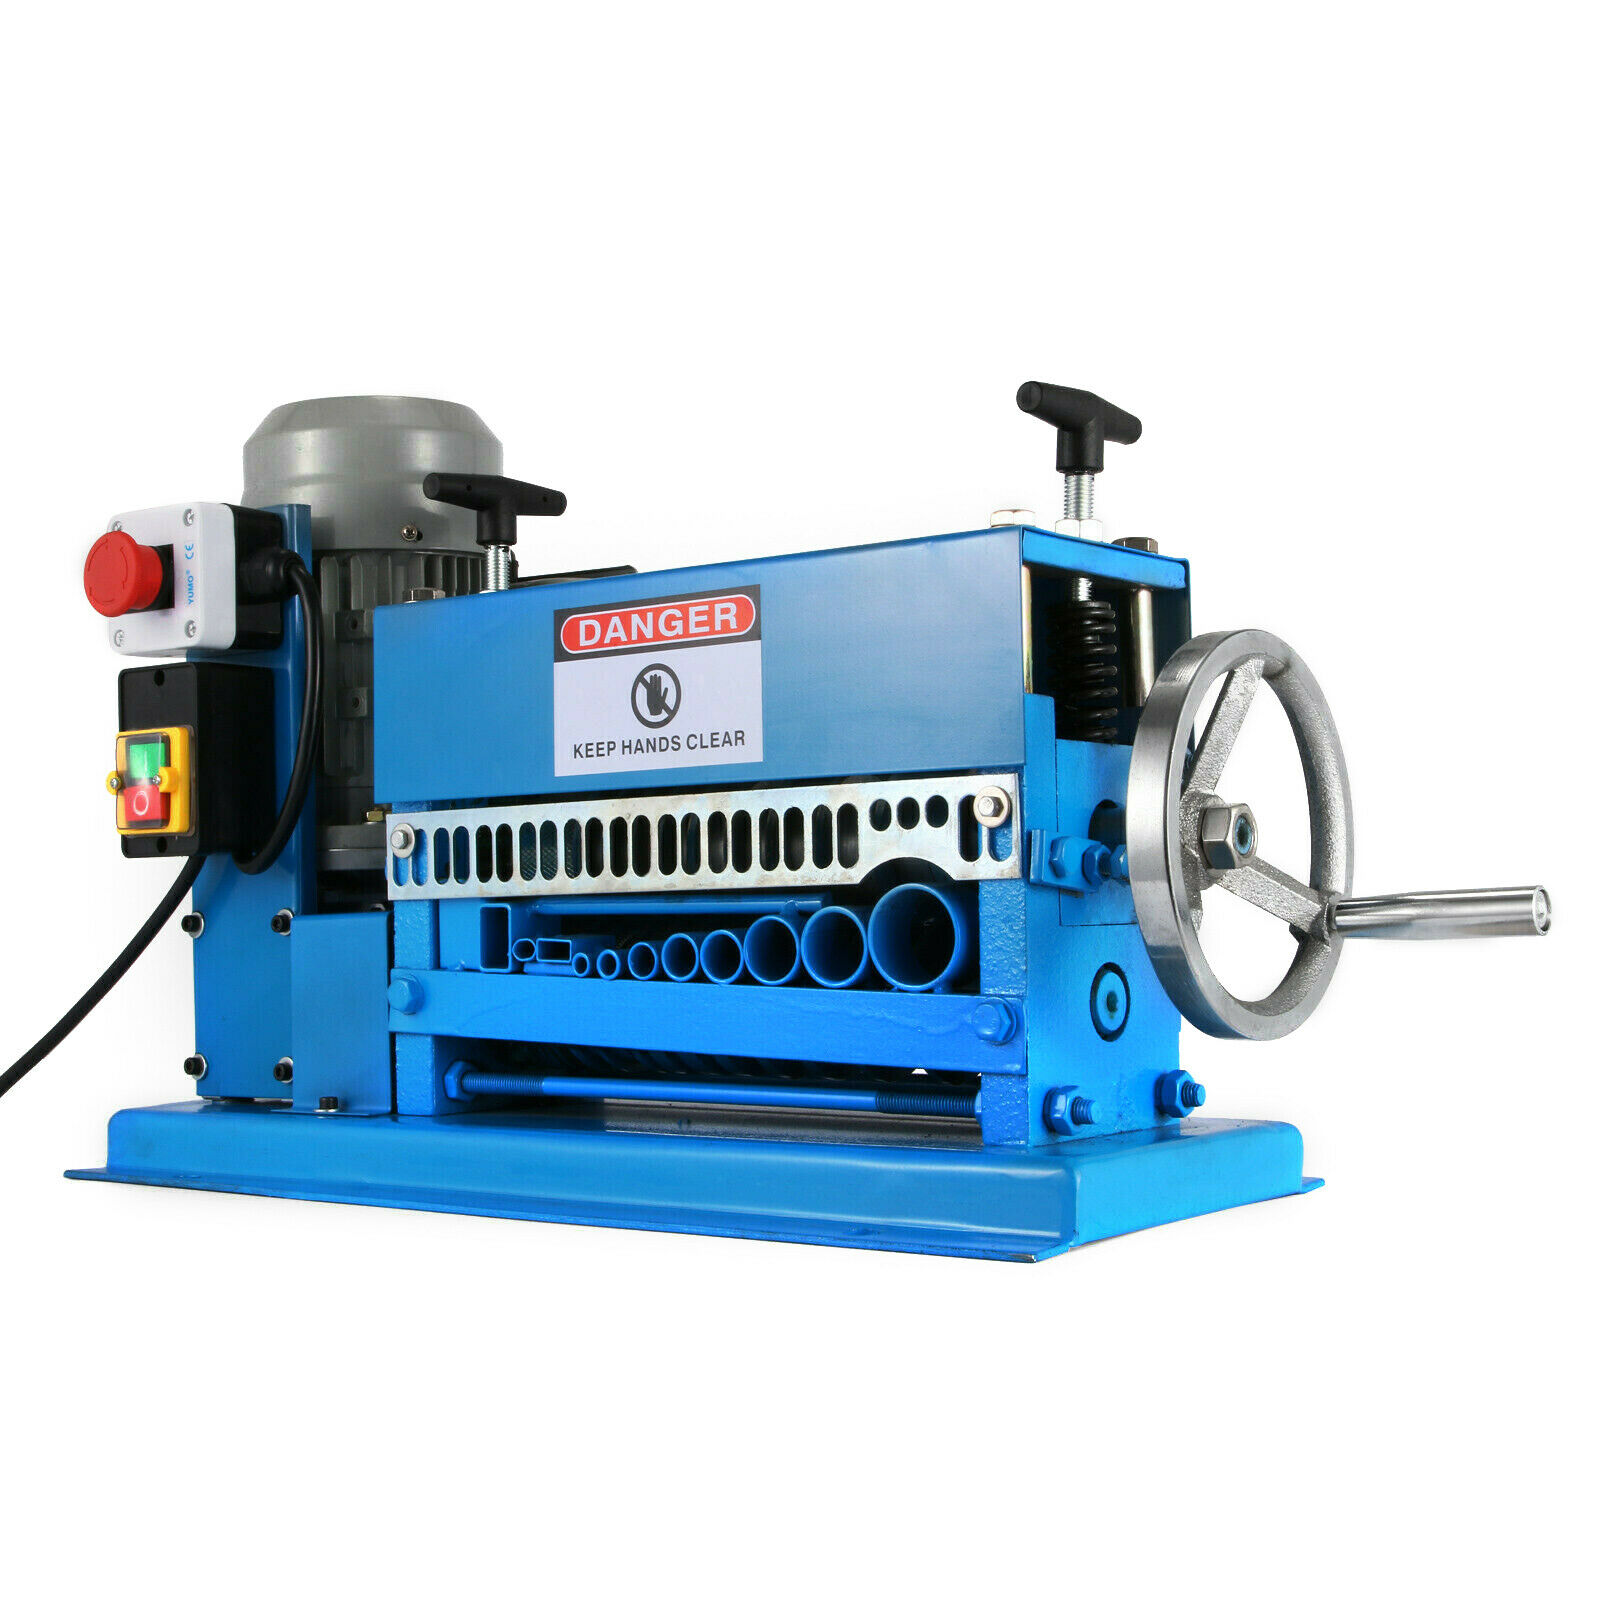 آلة تجريد الأسلاك الكهربائية 370 واط ، 10 شفرات ، متجرد النحاس 220 فولت